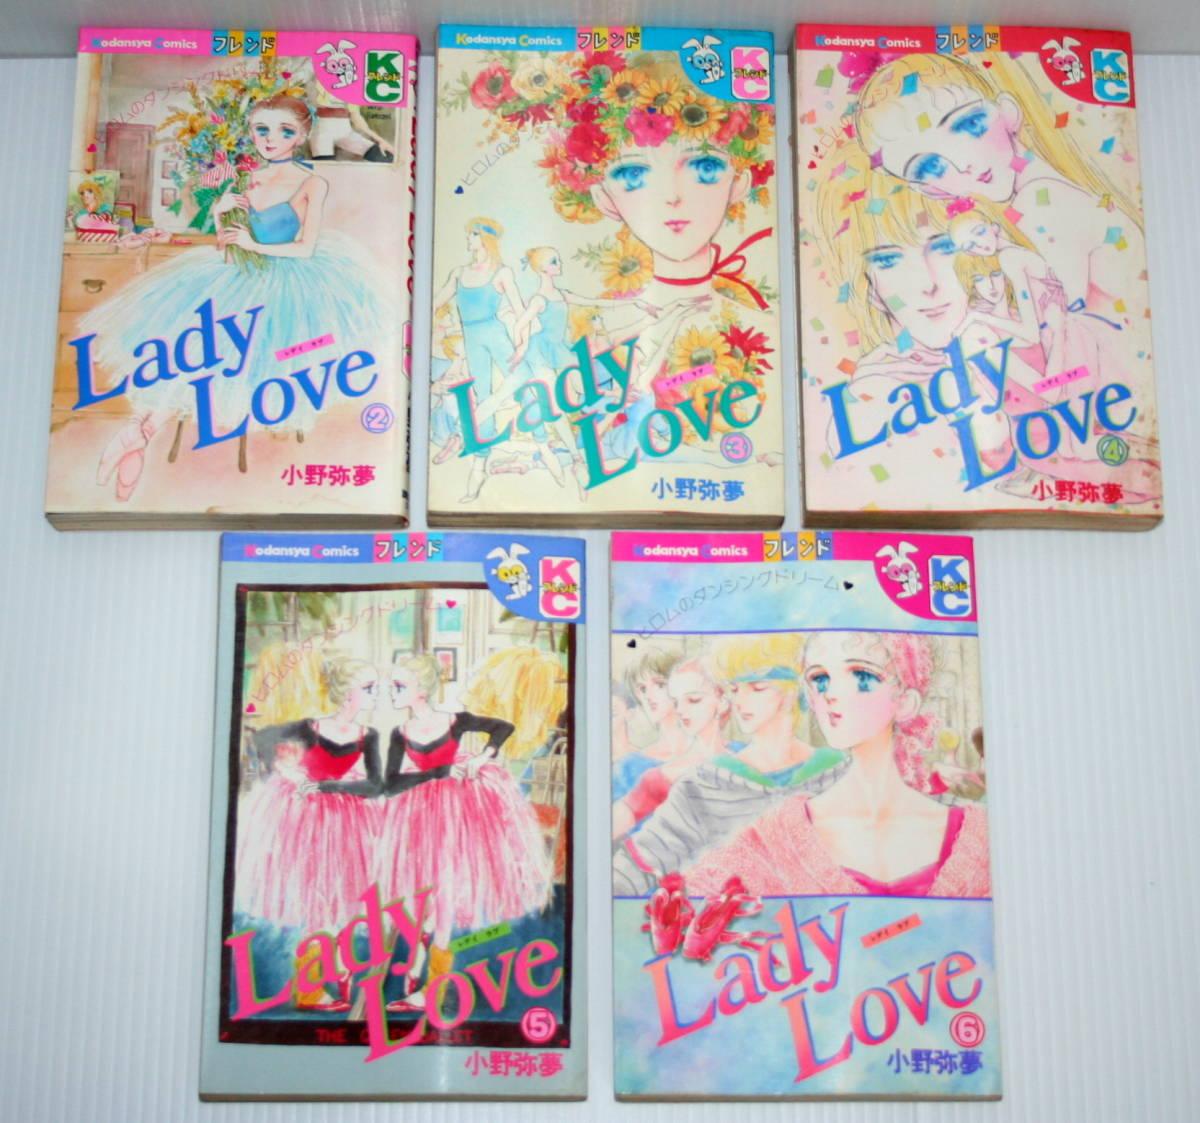 小野弥夢 Lady Love 2~6巻 計5巻 (初版 3冊) / Kodansya Comics 中古本_画像1